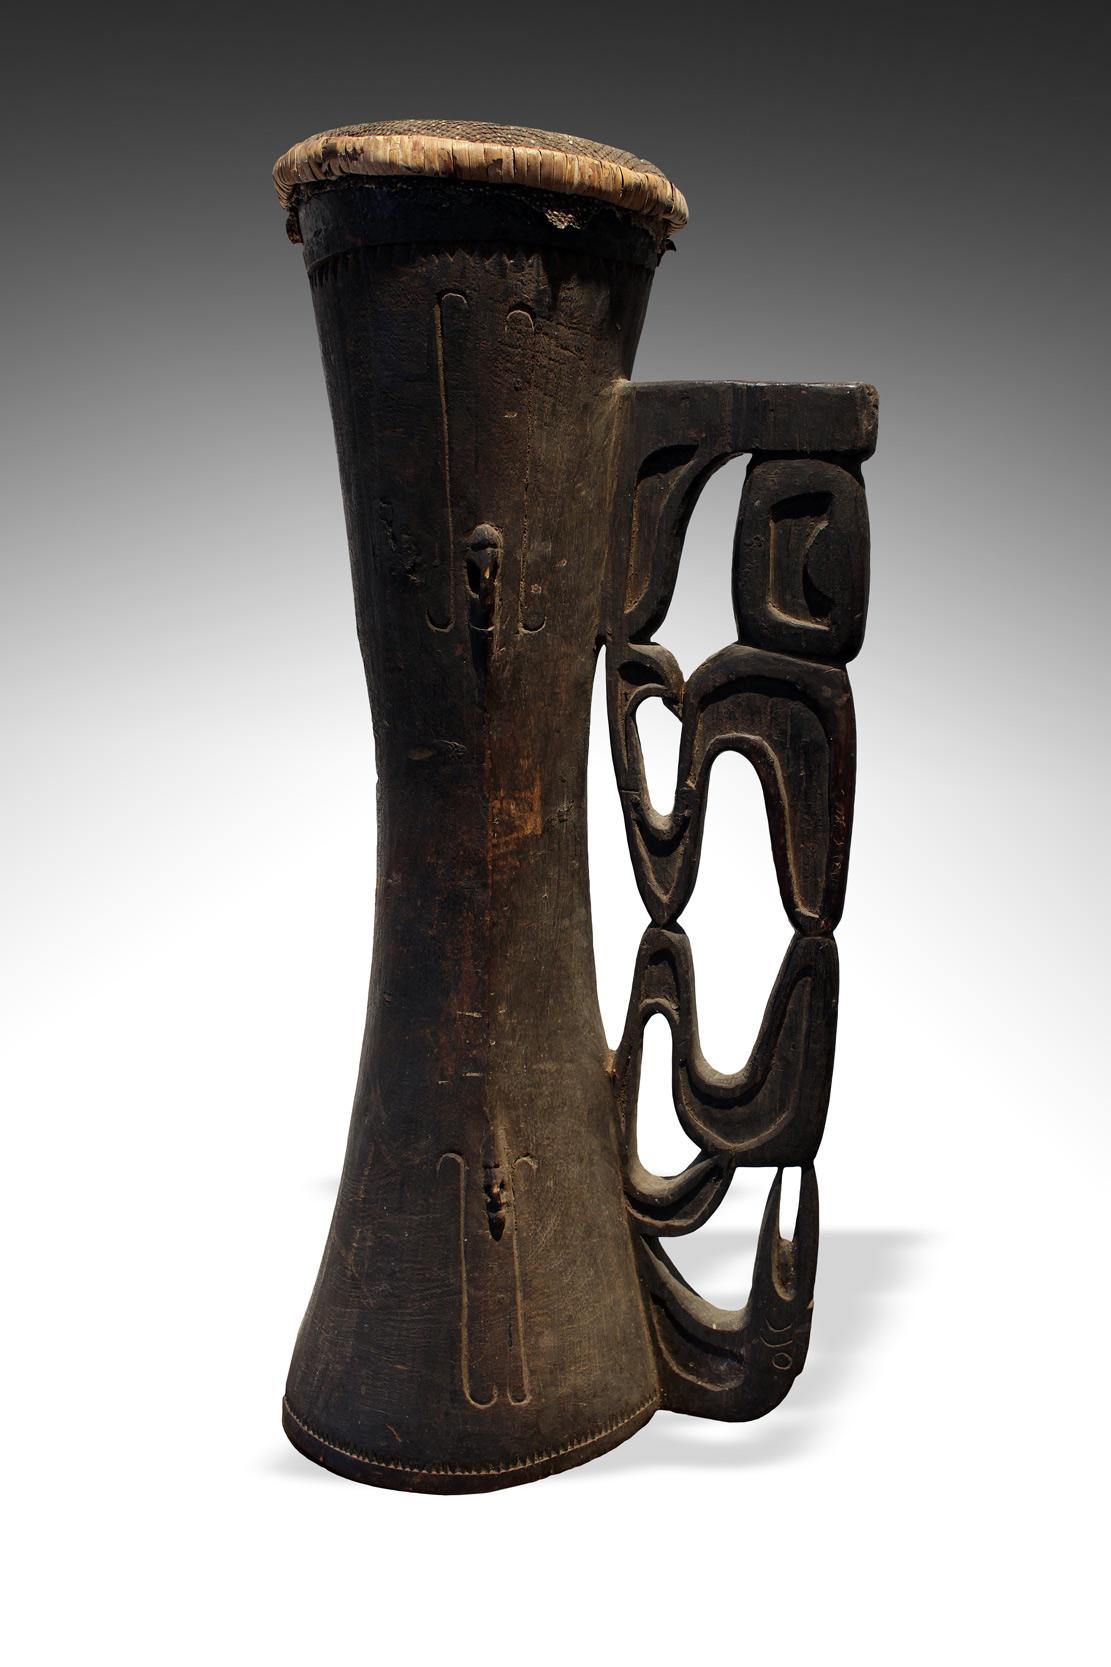 ritualni-buben-asmat-papua-mantis